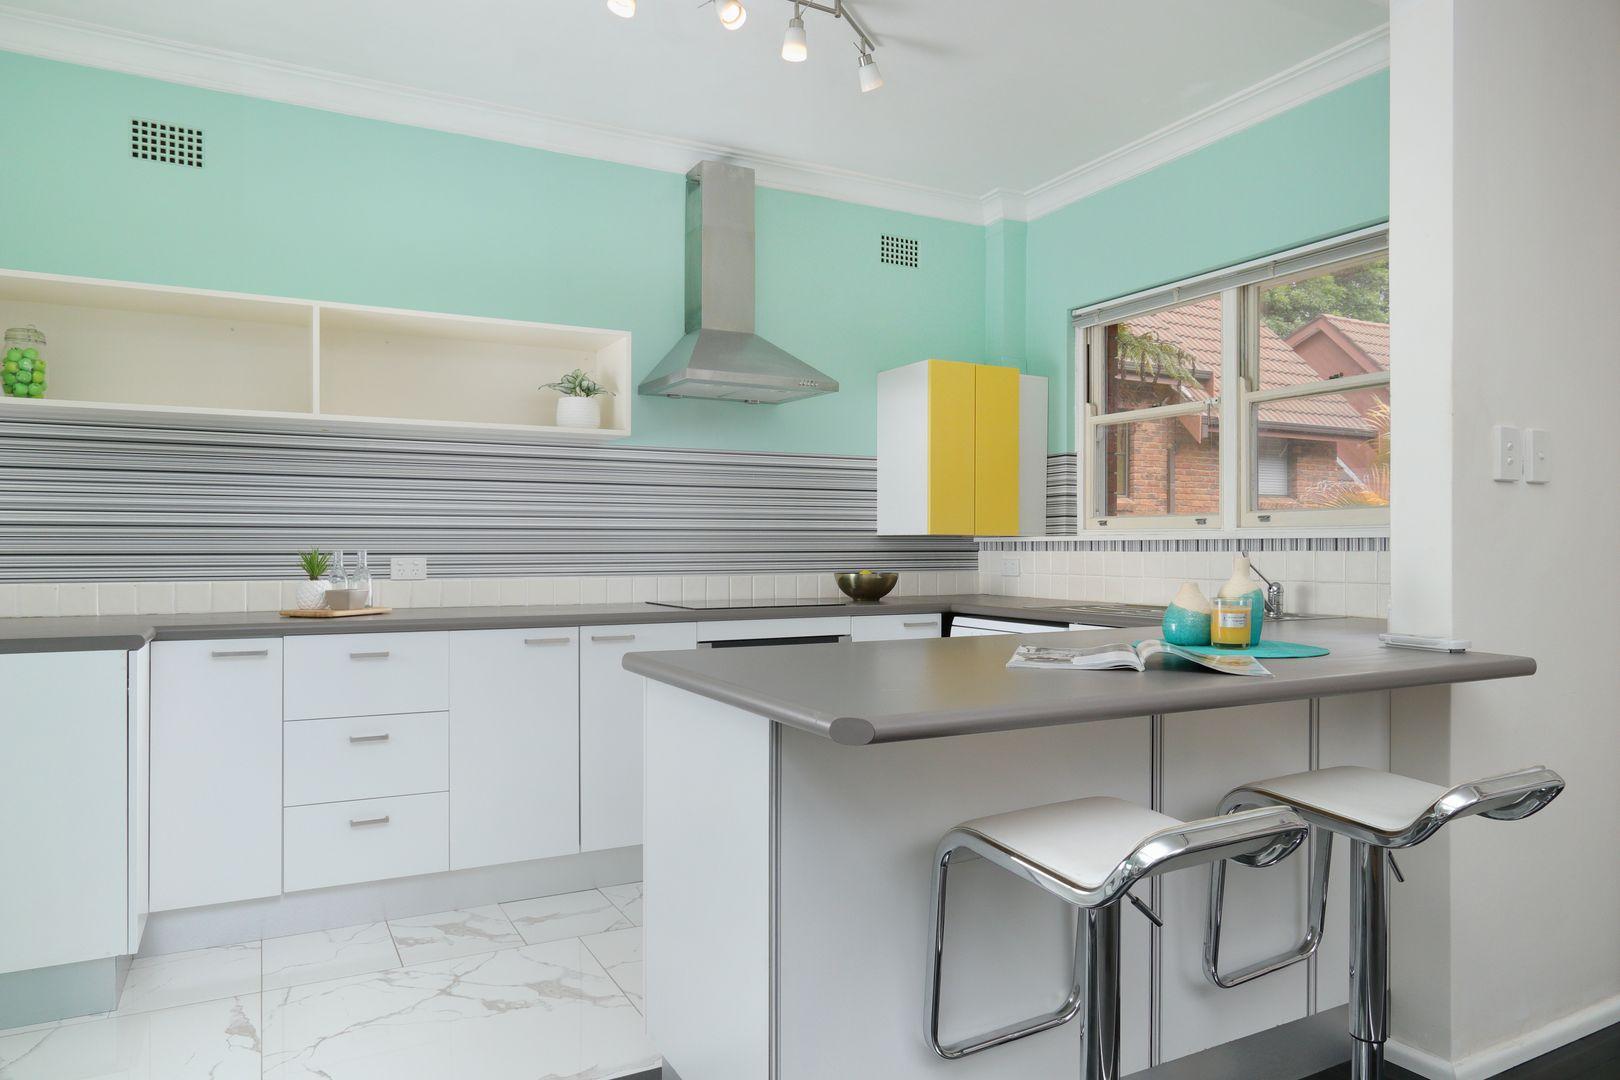 7/50 Oatley Avenue, Oatley NSW 2223, Image 2